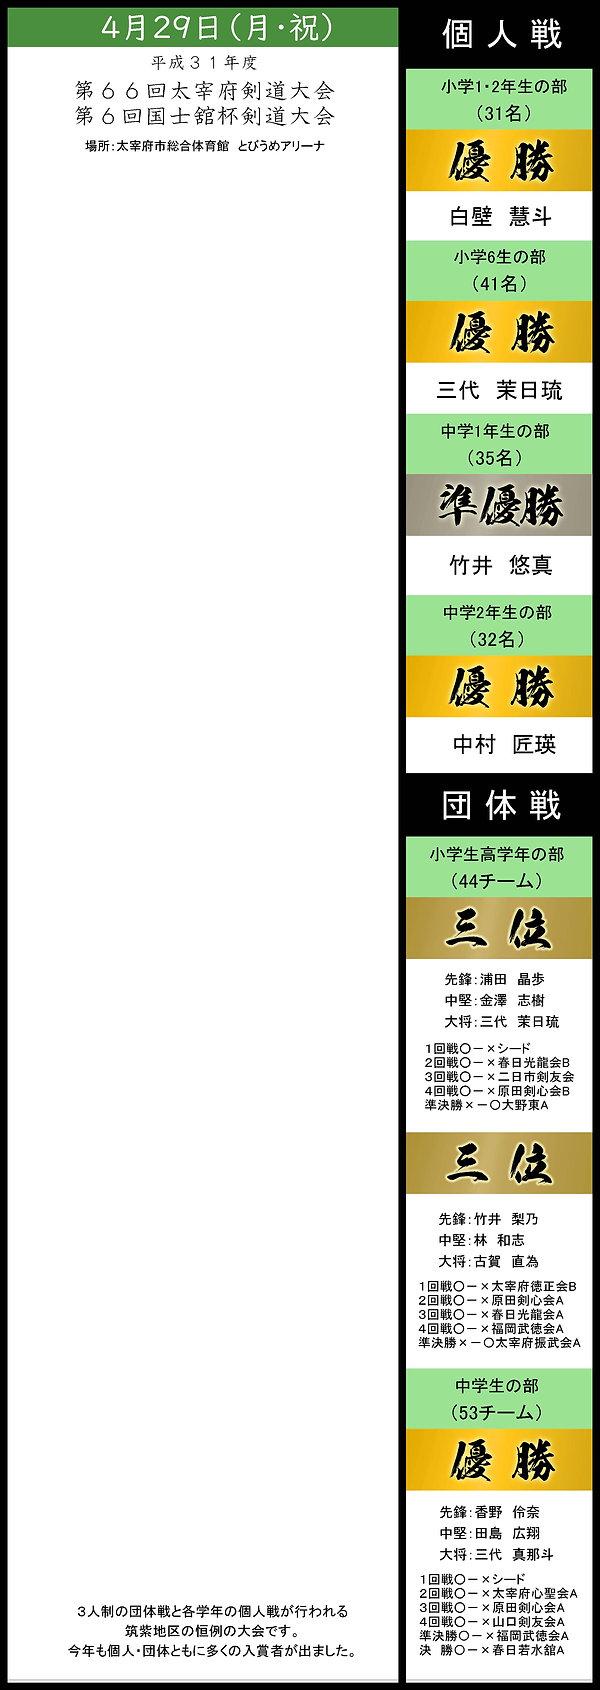 20190429太宰府剣道大会.jpg